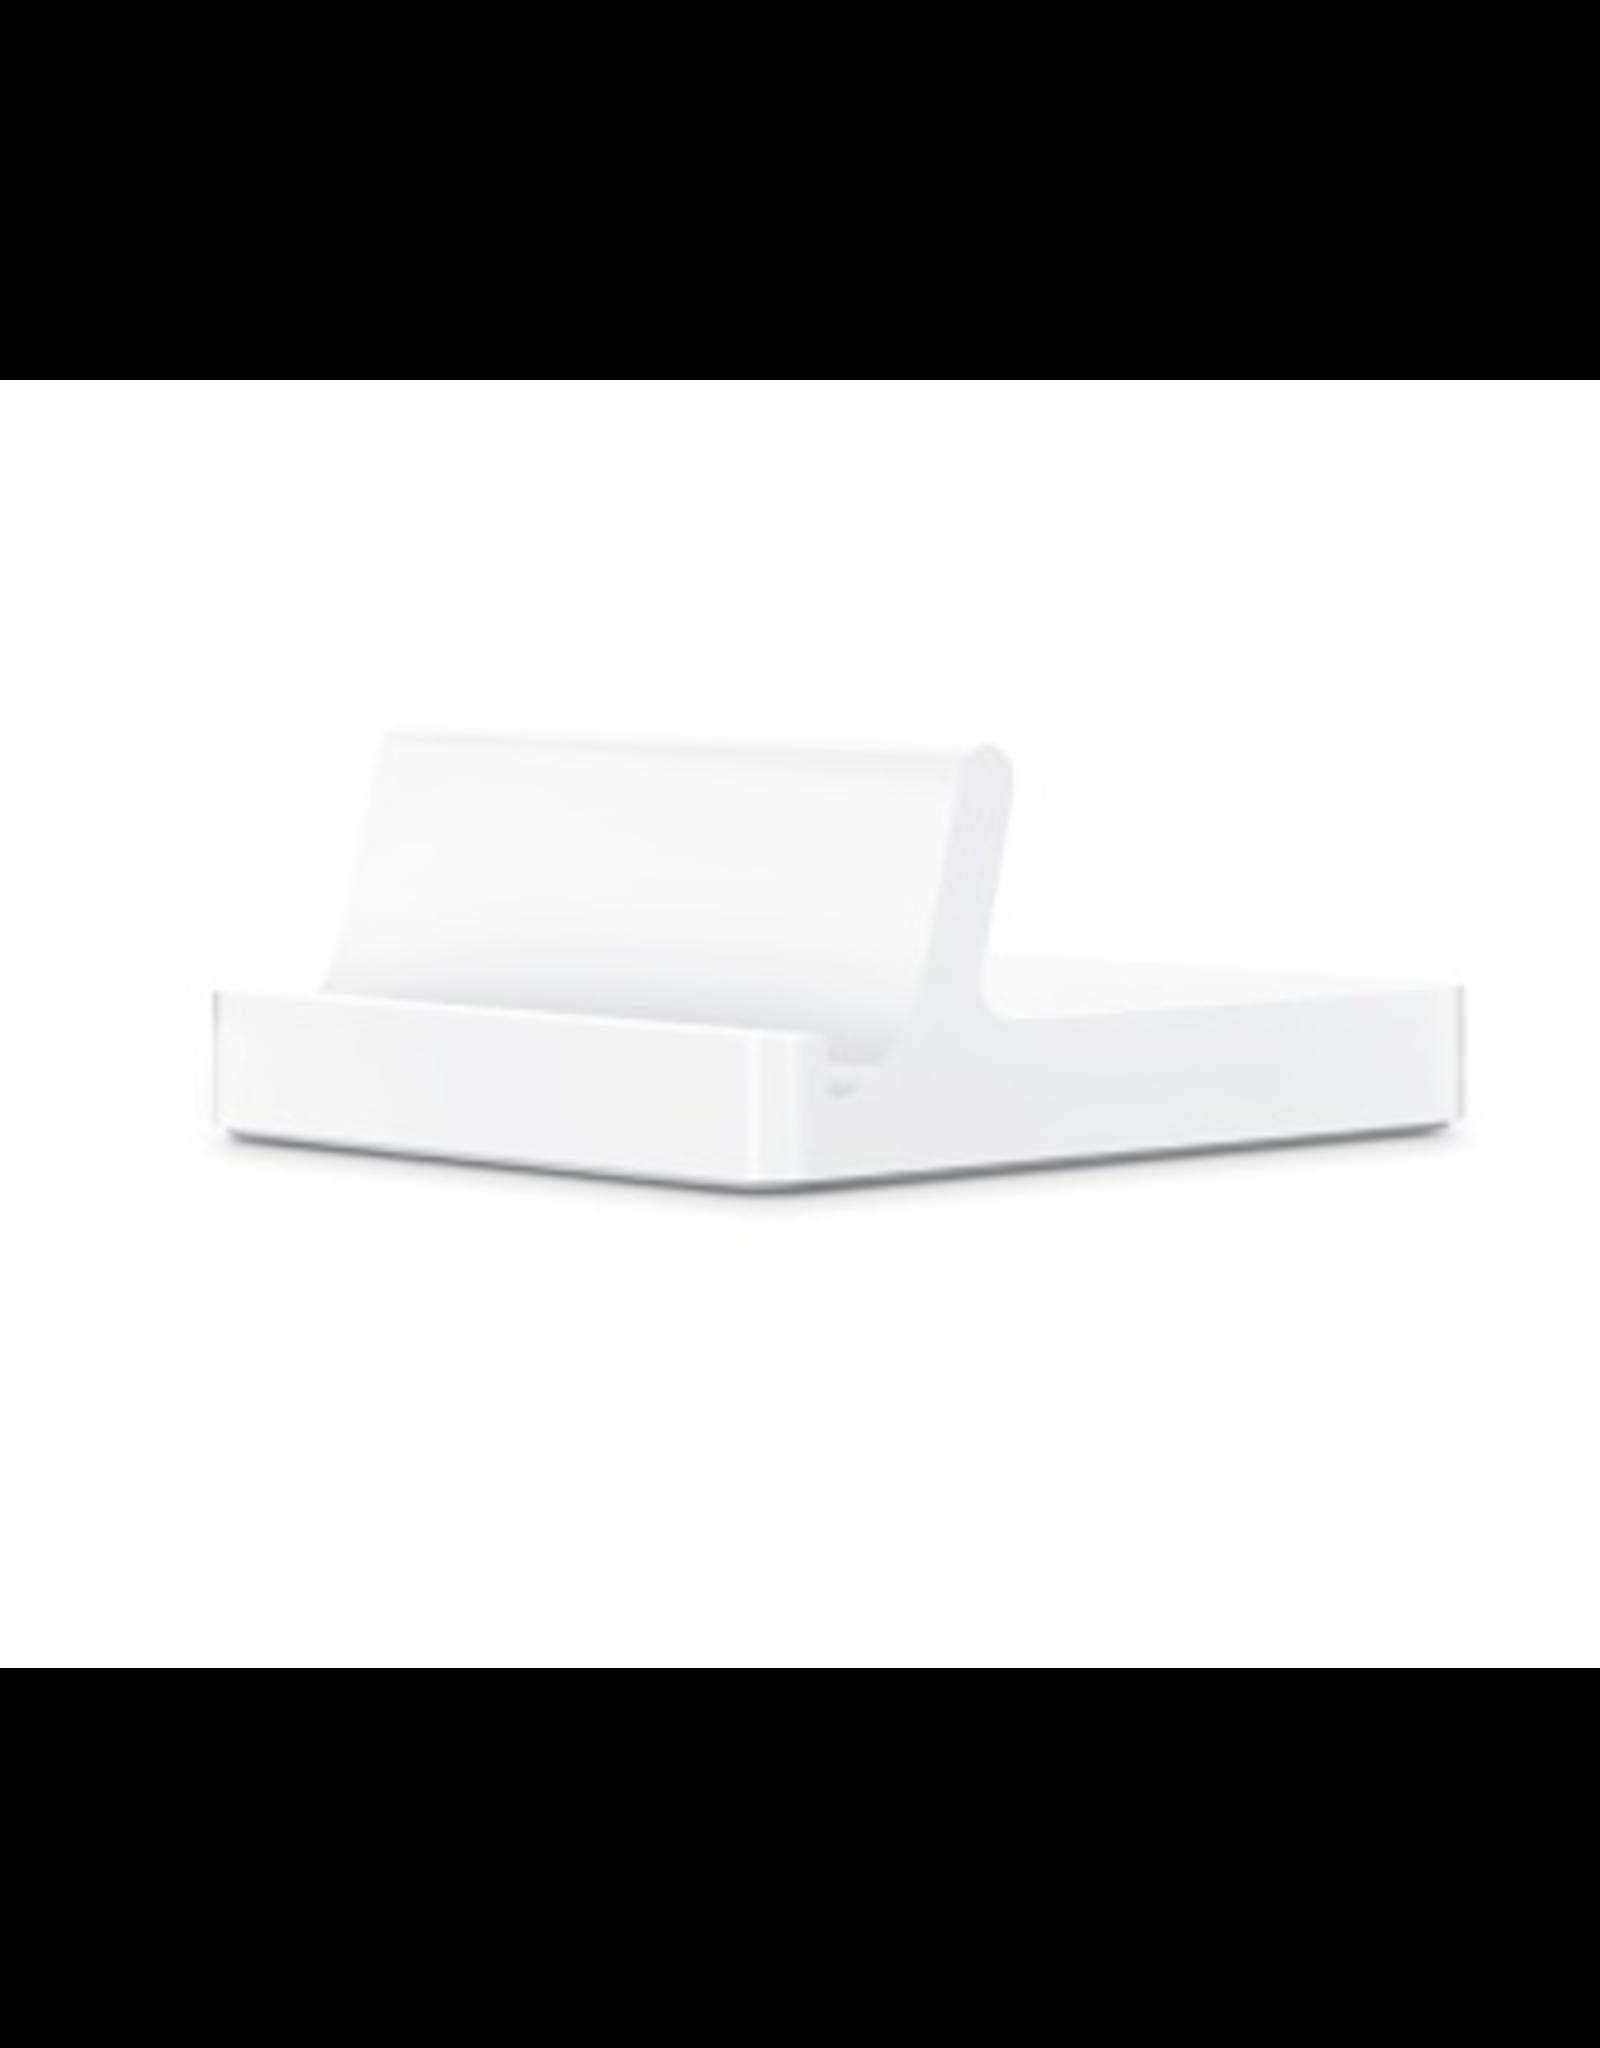 Apple Apple iPad 2 Dock